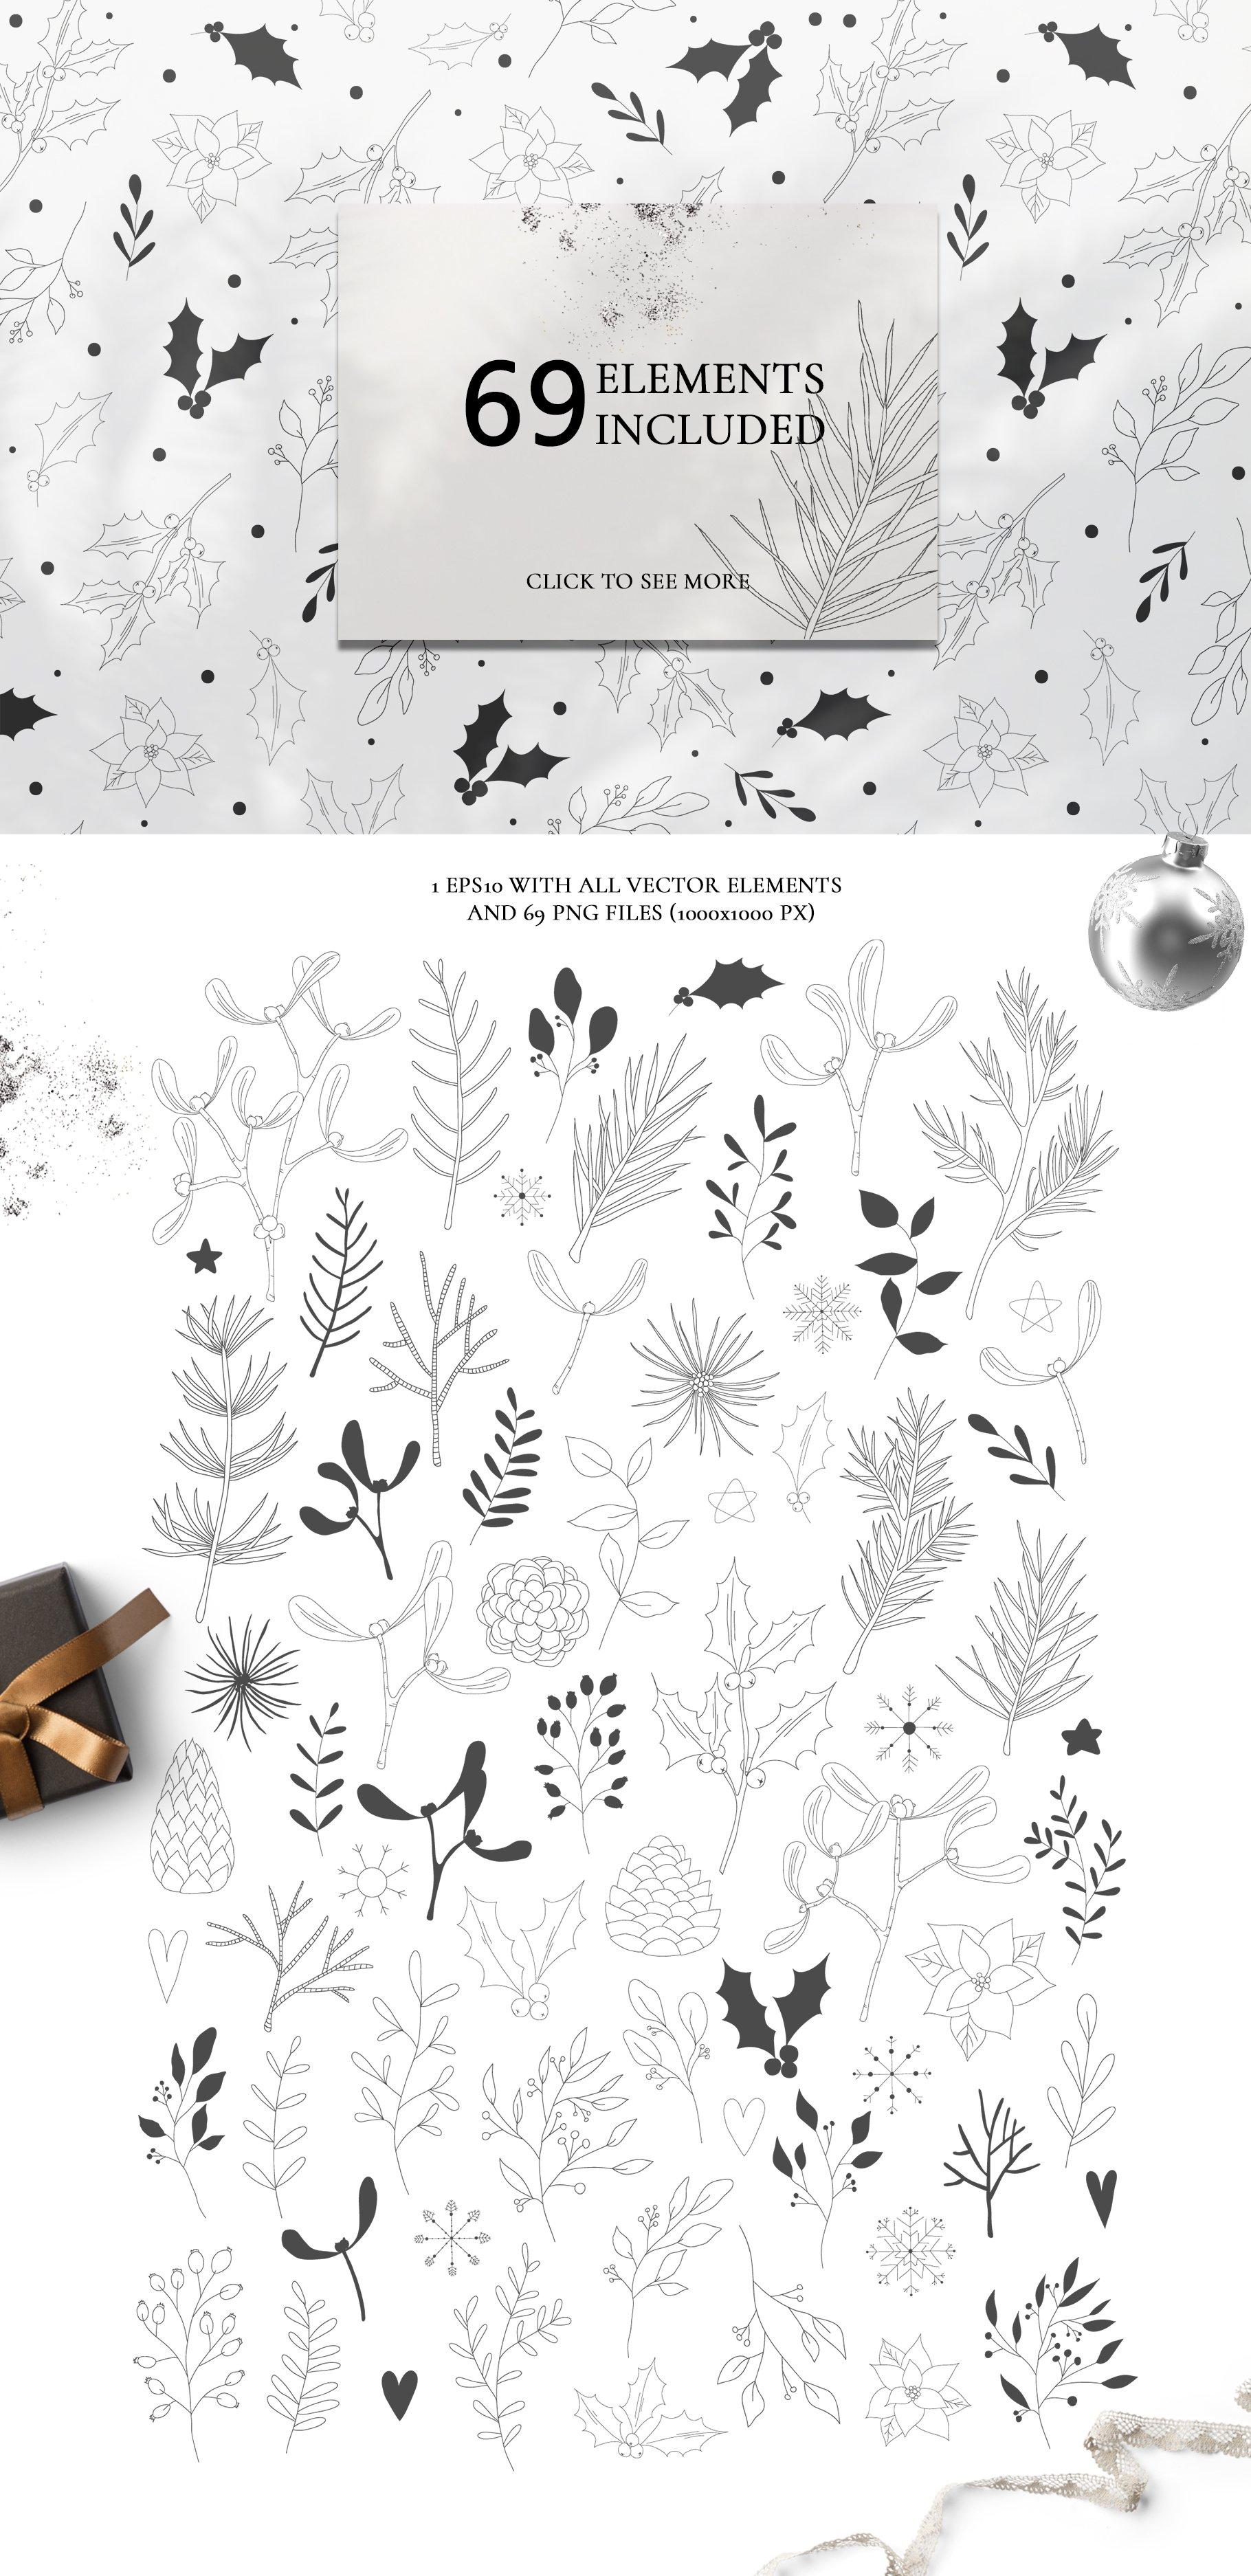 圣诞节主题手绘树叶画框矢量图形设计素材 Christmas Holiday Collection插图(8)